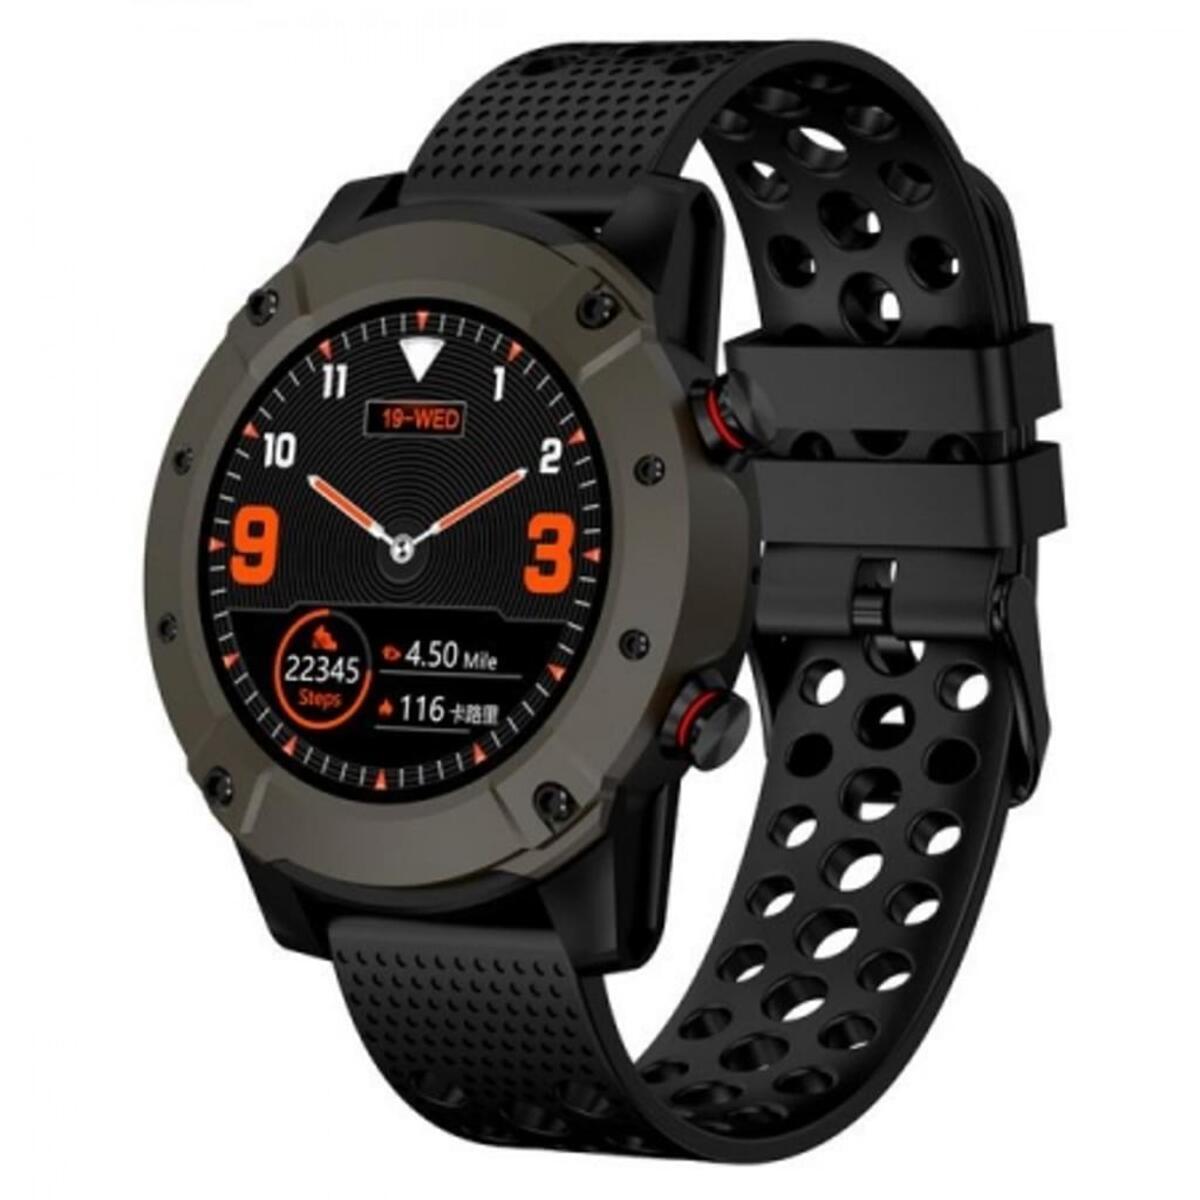 Bild 1 von Denver Bluetooth Smartwatch SW-650